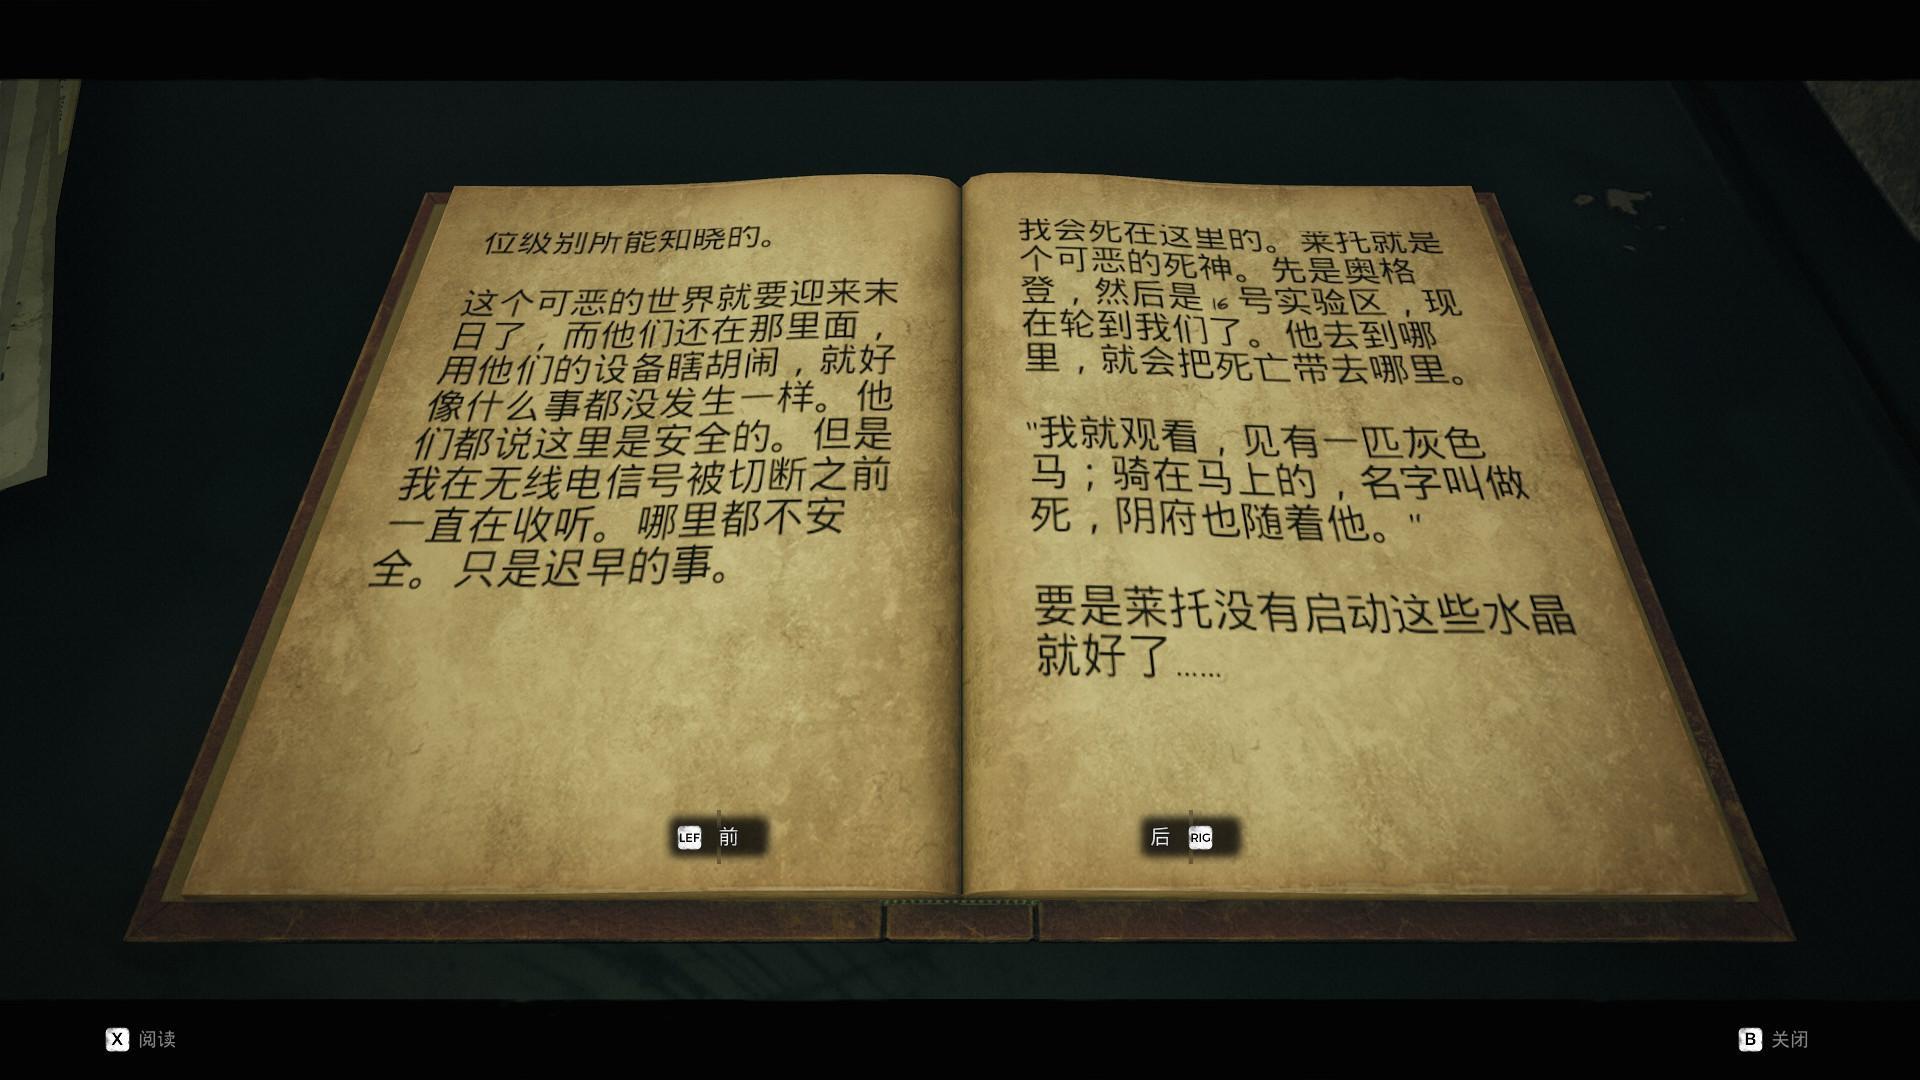 《遗迹:灰烬重生》评测:黑魂+怪猎+无主+巫师三?